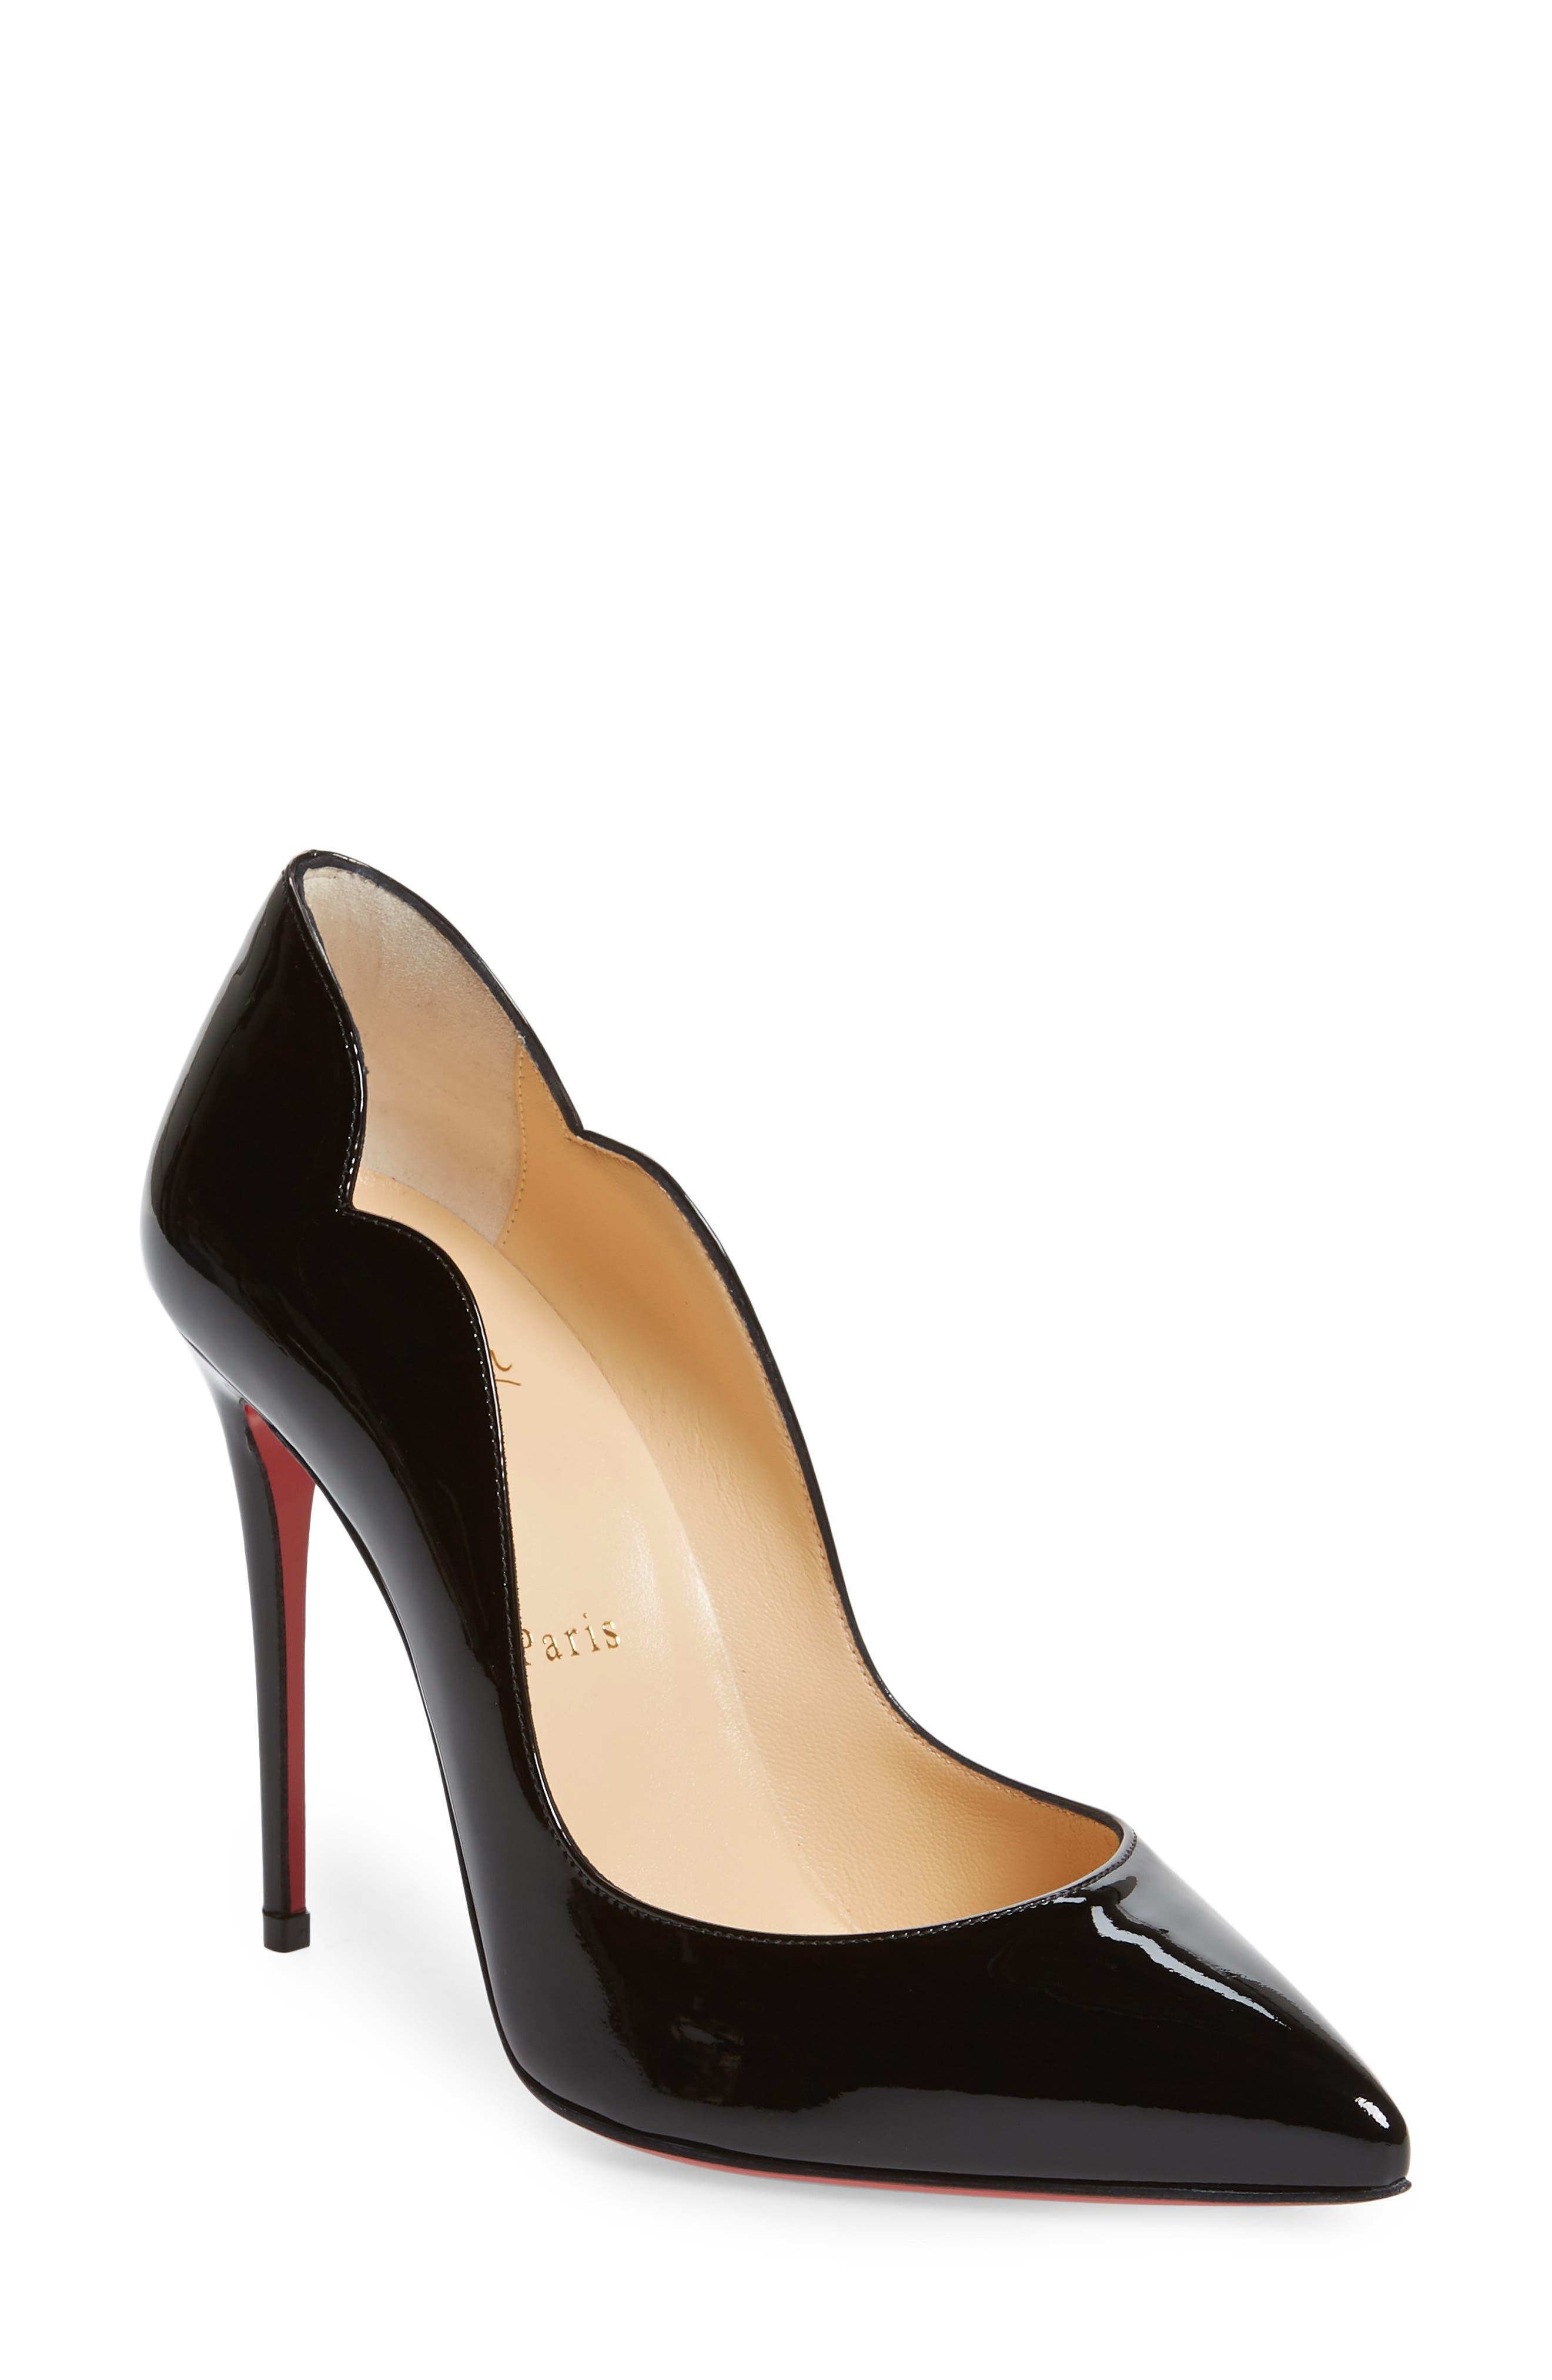 Women's Christian Louboutin Shoes